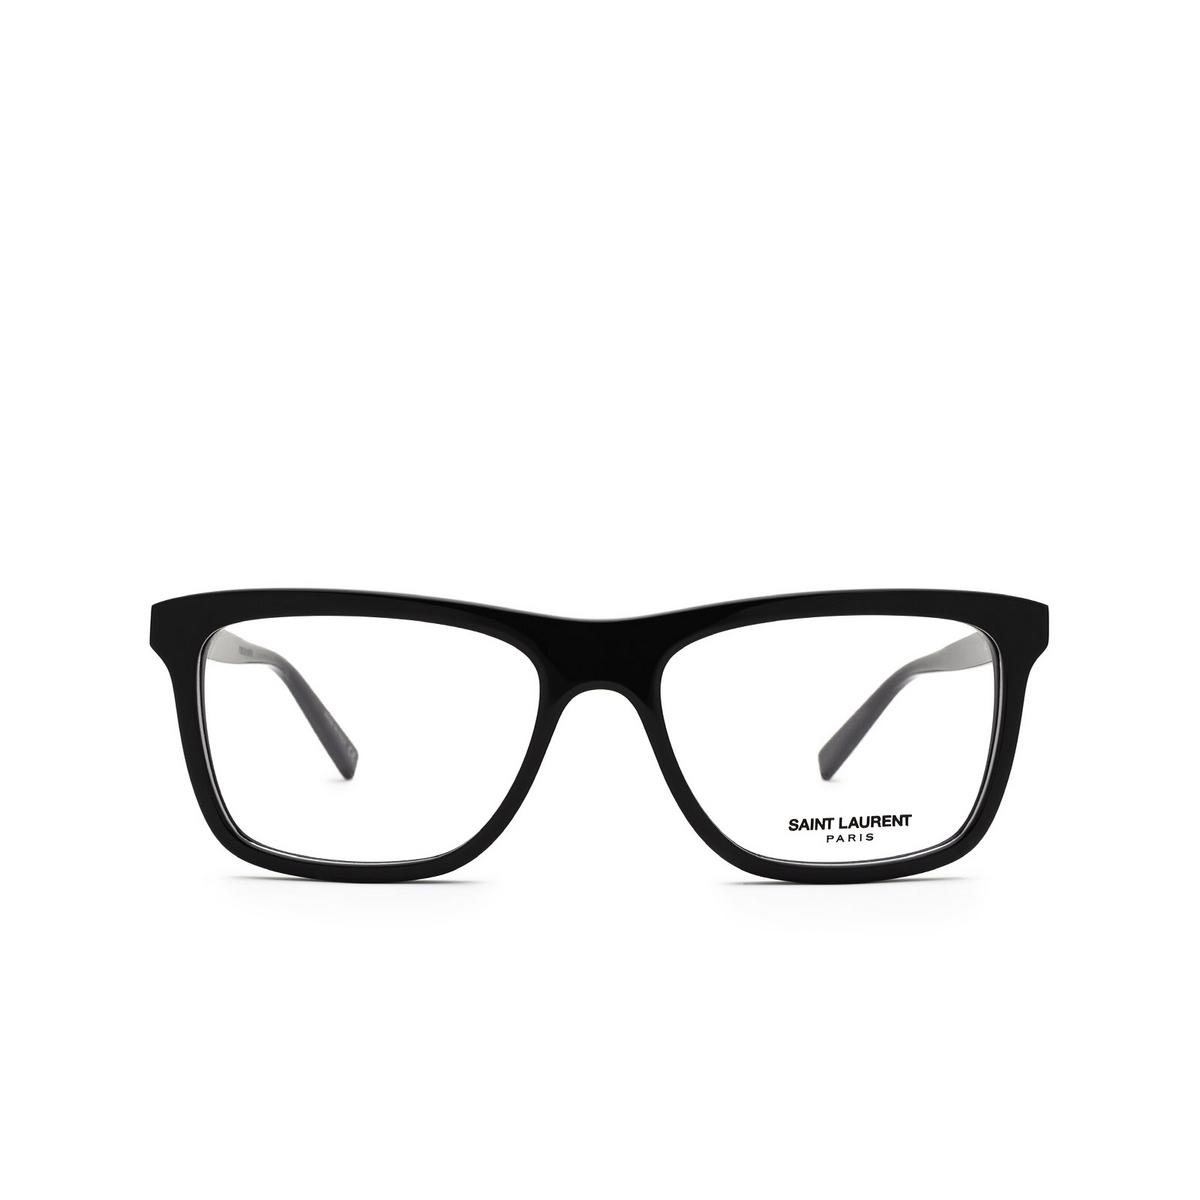 Saint Laurent® Rectangle Eyeglasses: SL 481 color Black 001 - front view.